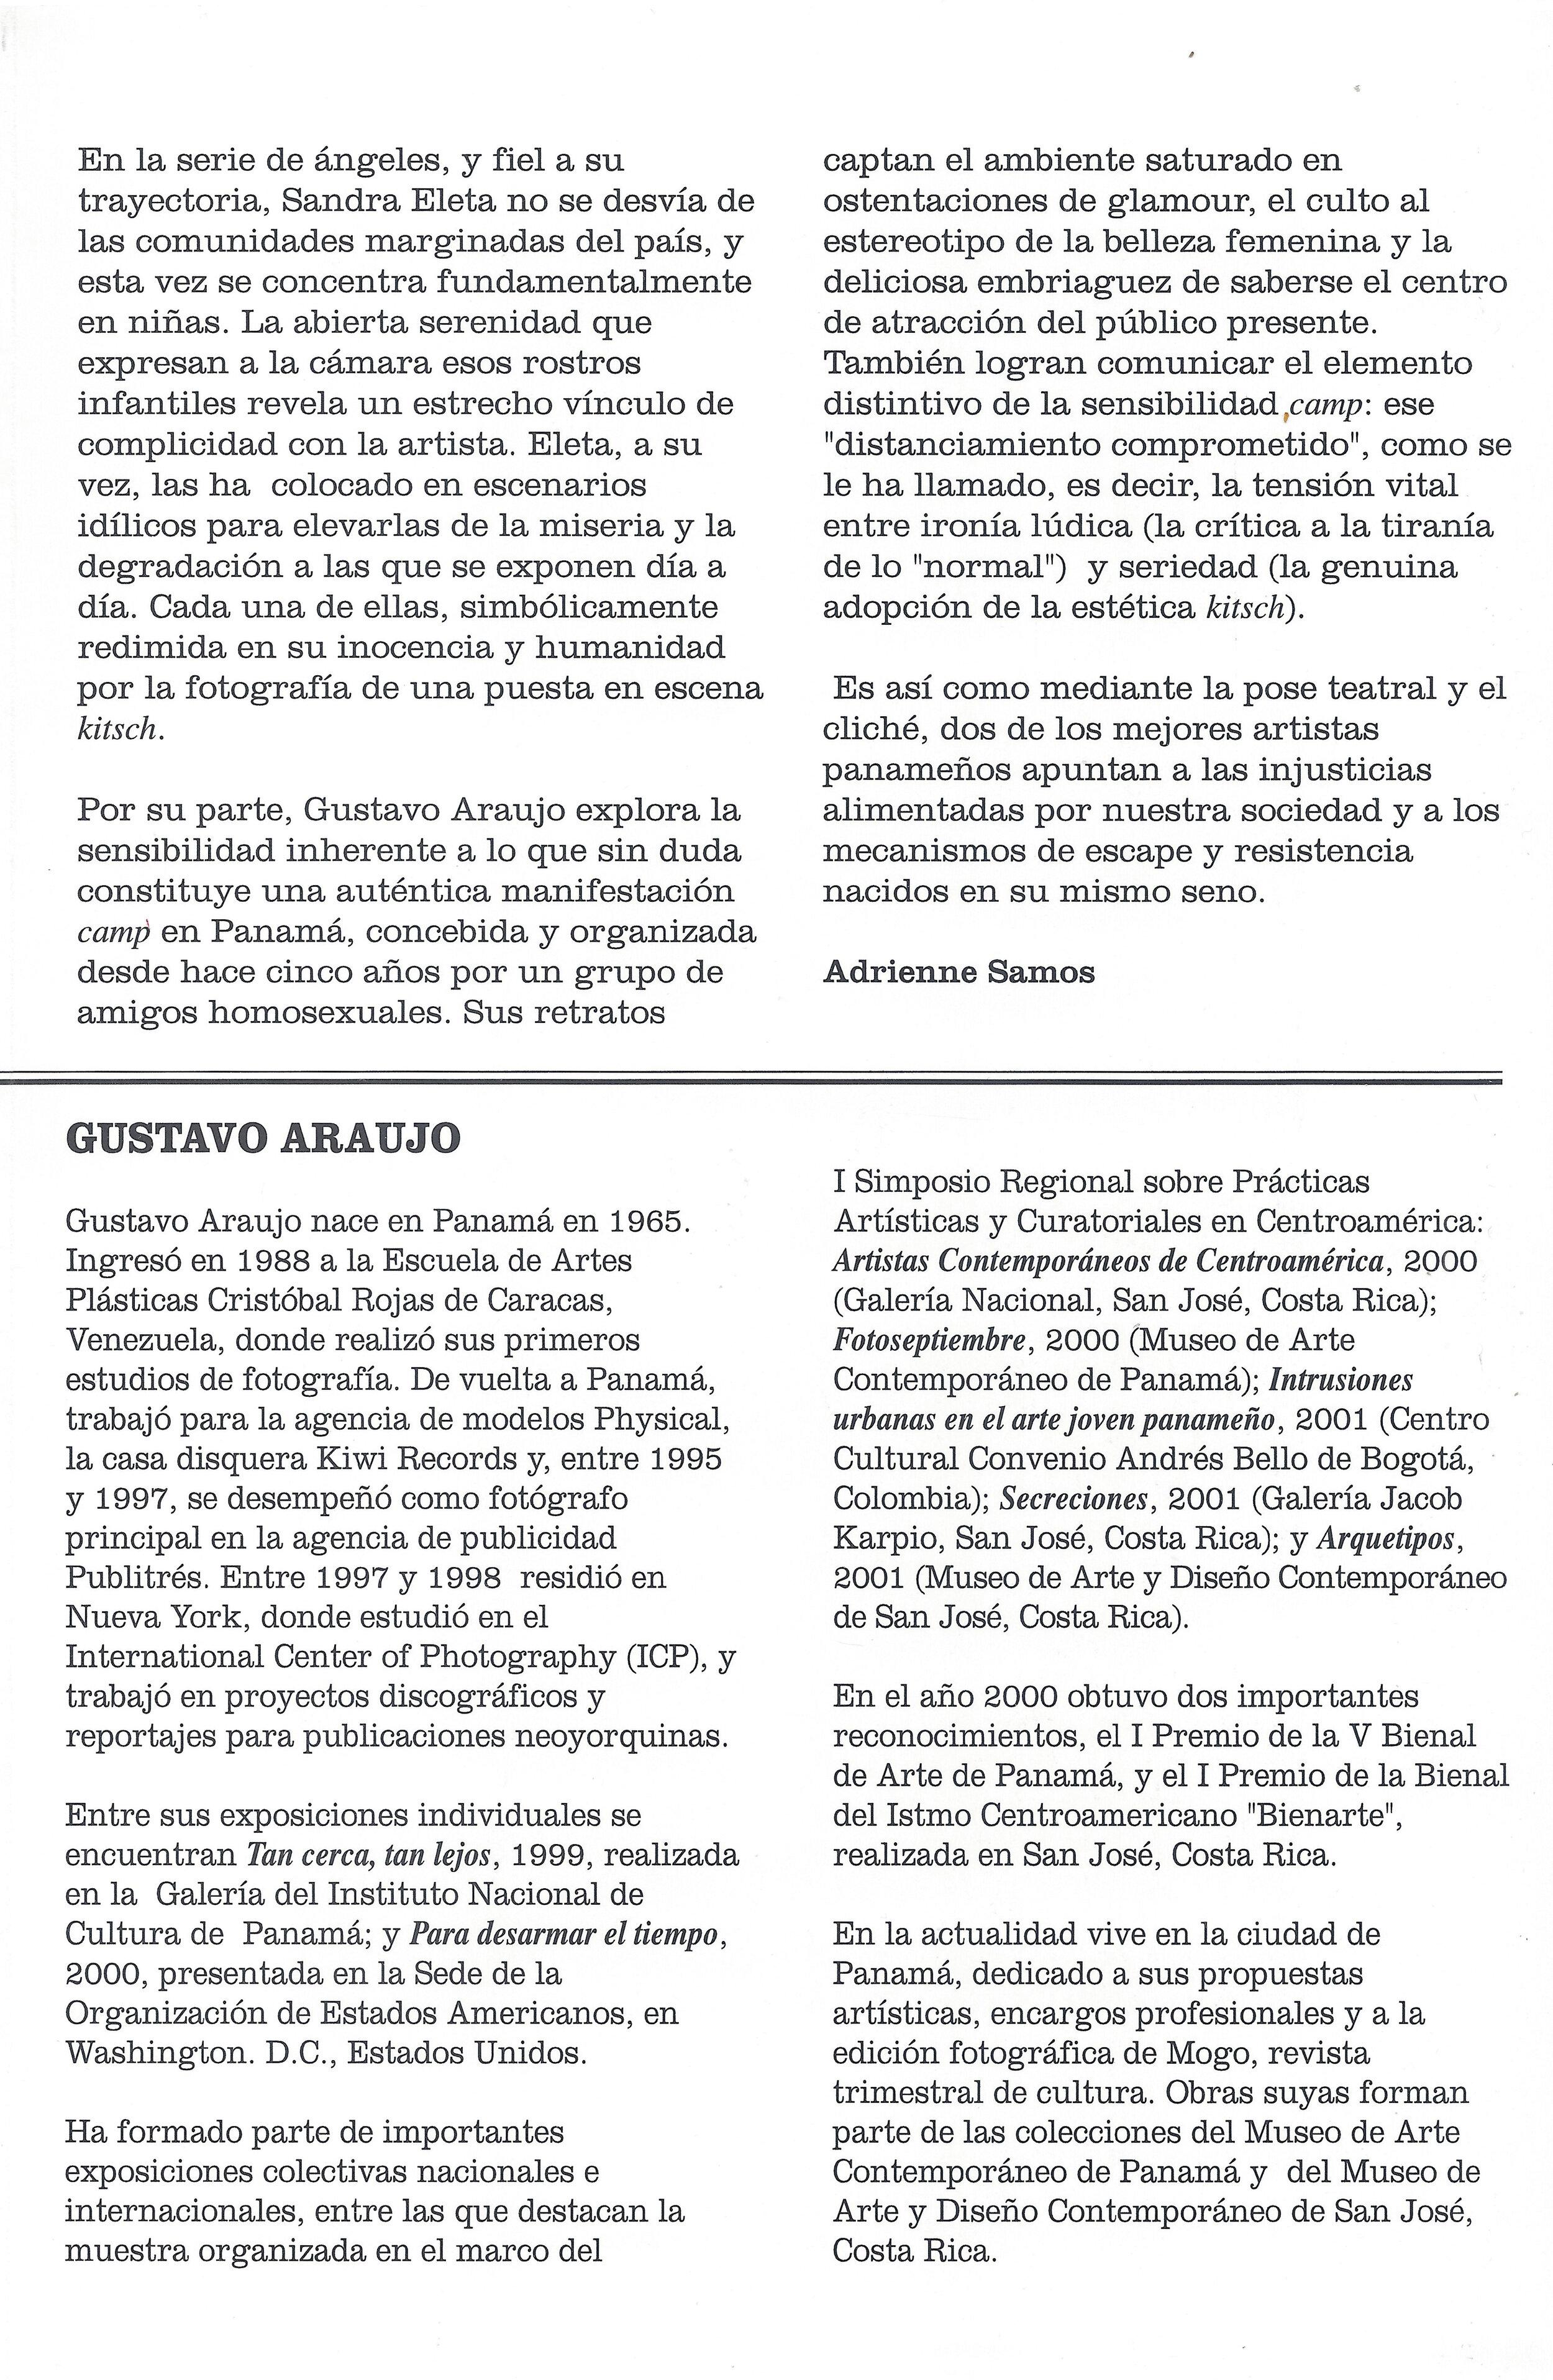 EletaAraujo-2001-FotoSeptiembre 4.jpg